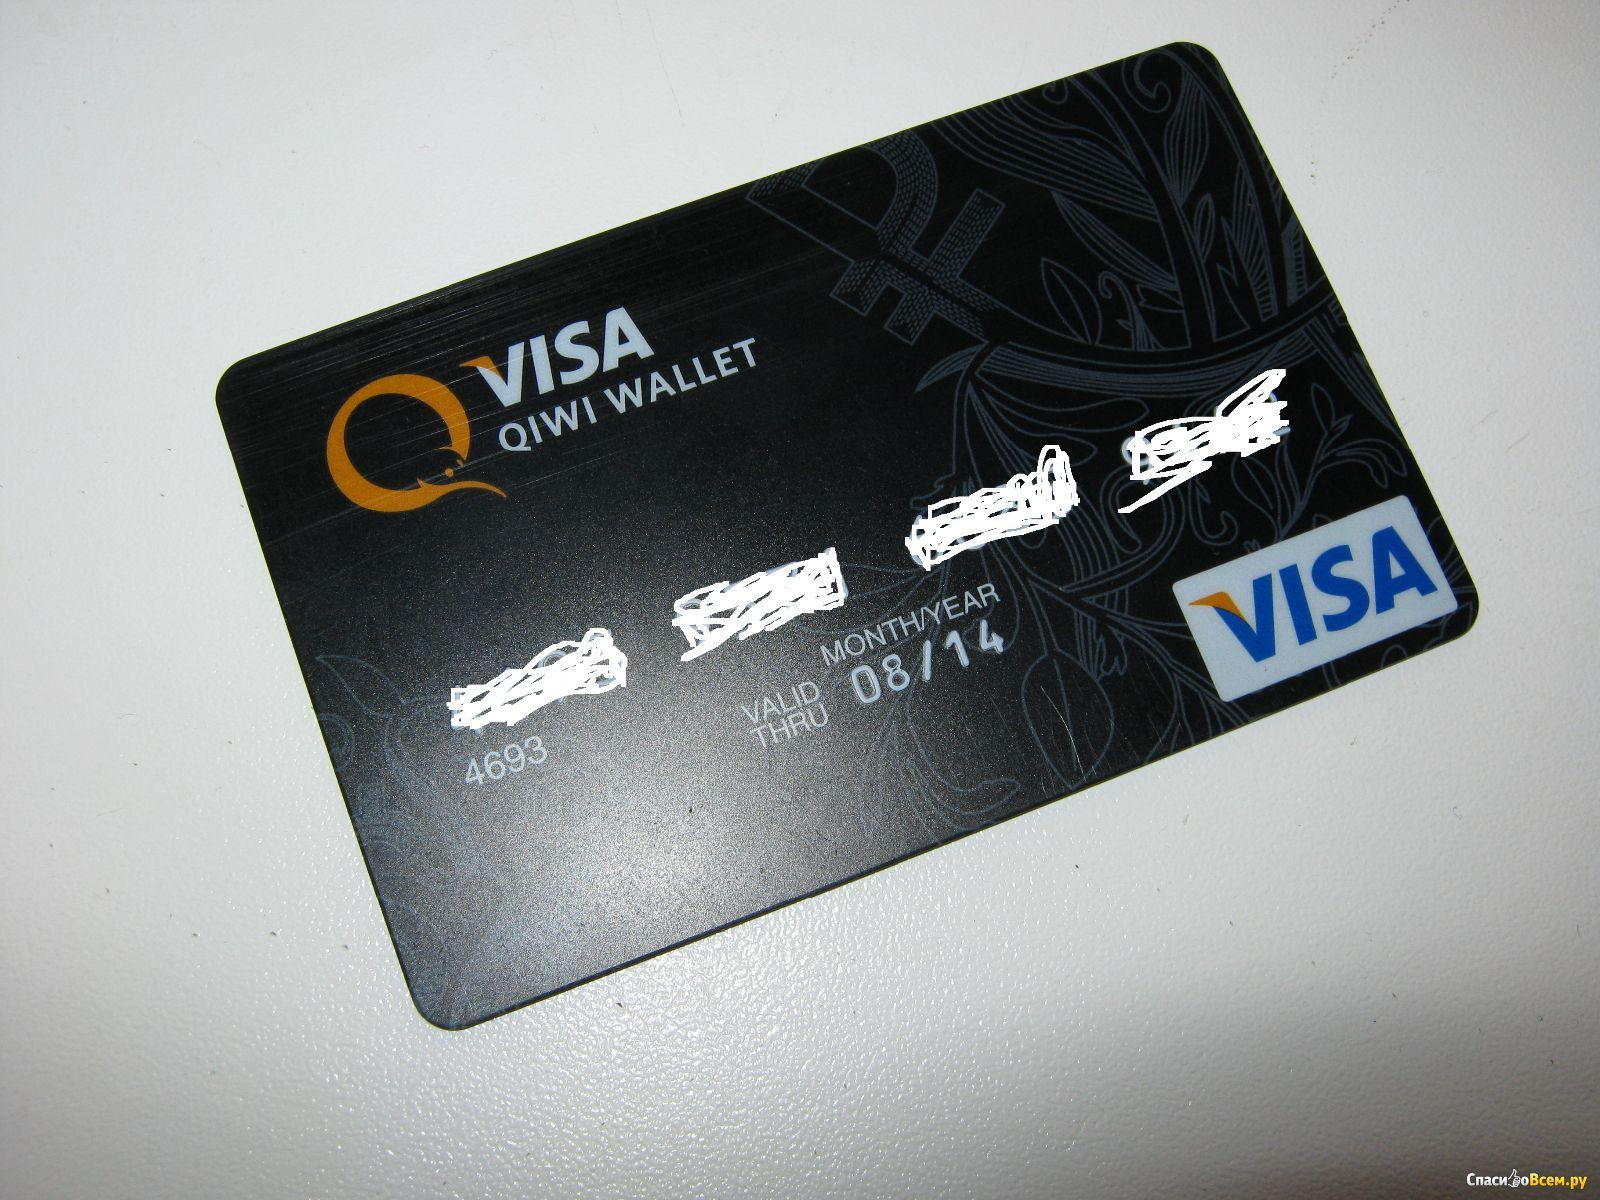 Visa platinum доставка Кстово